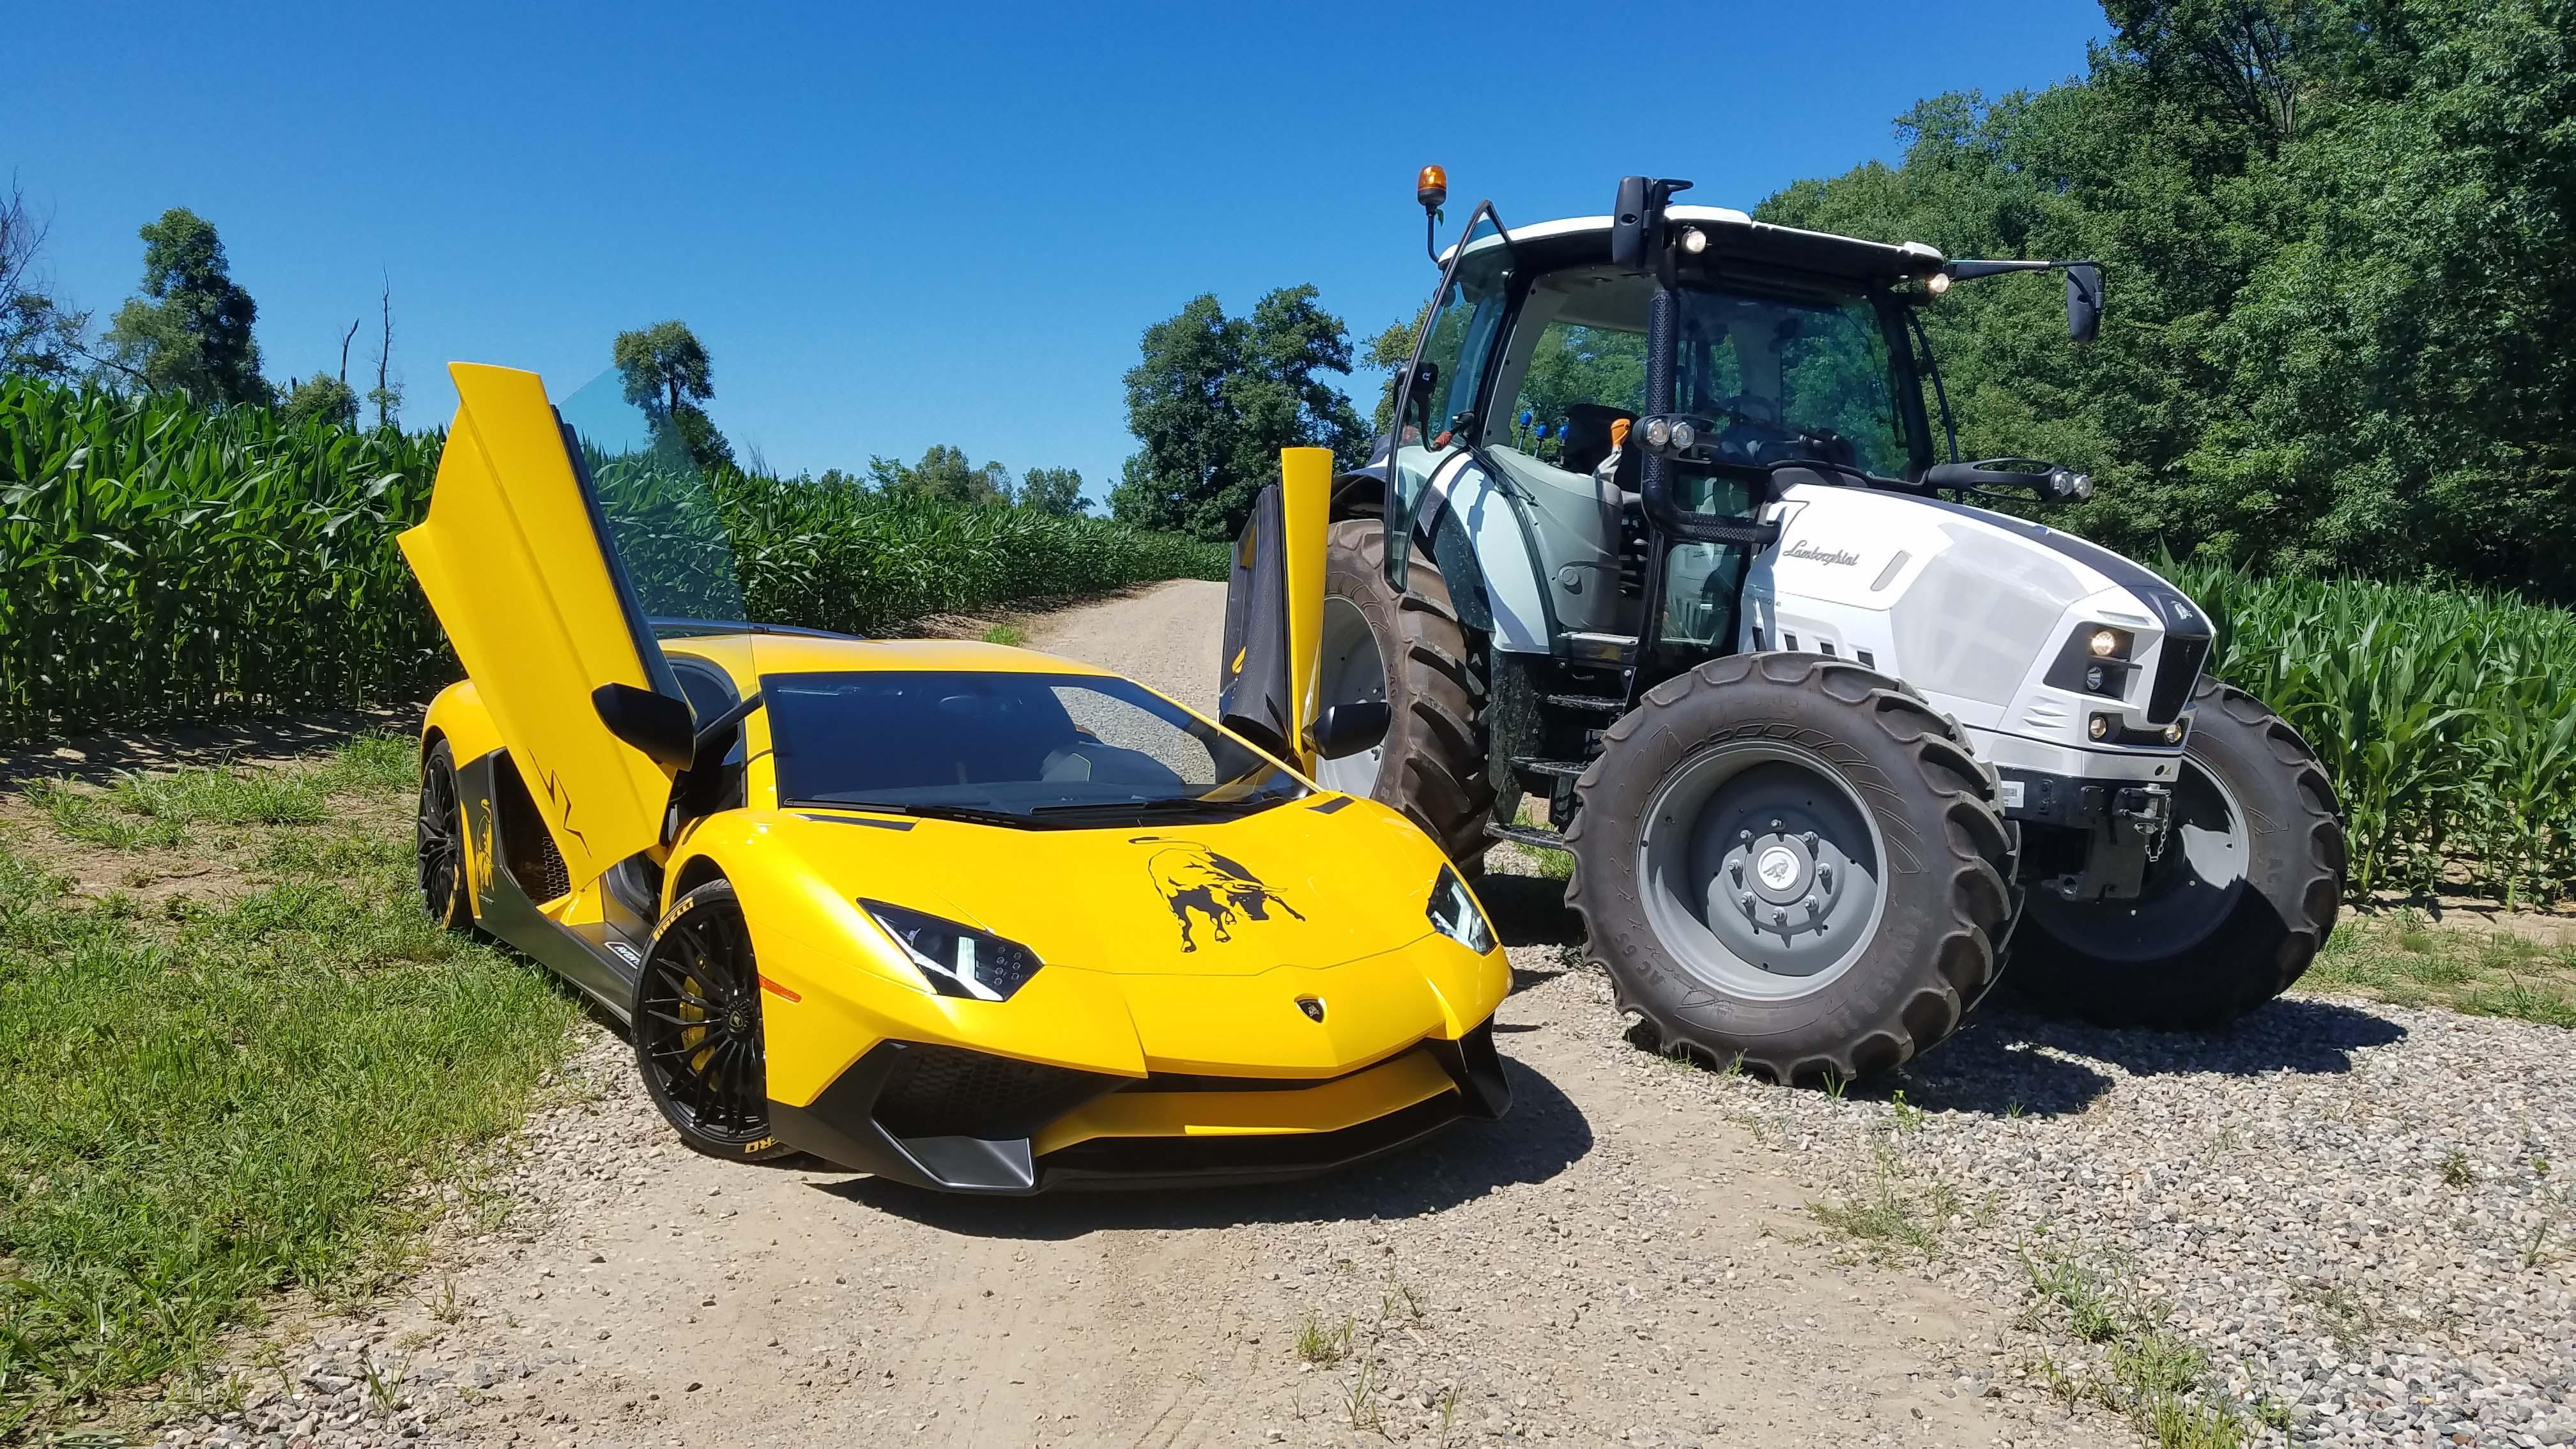 Payne Lamborghini supercar meets Lamborghini tractor